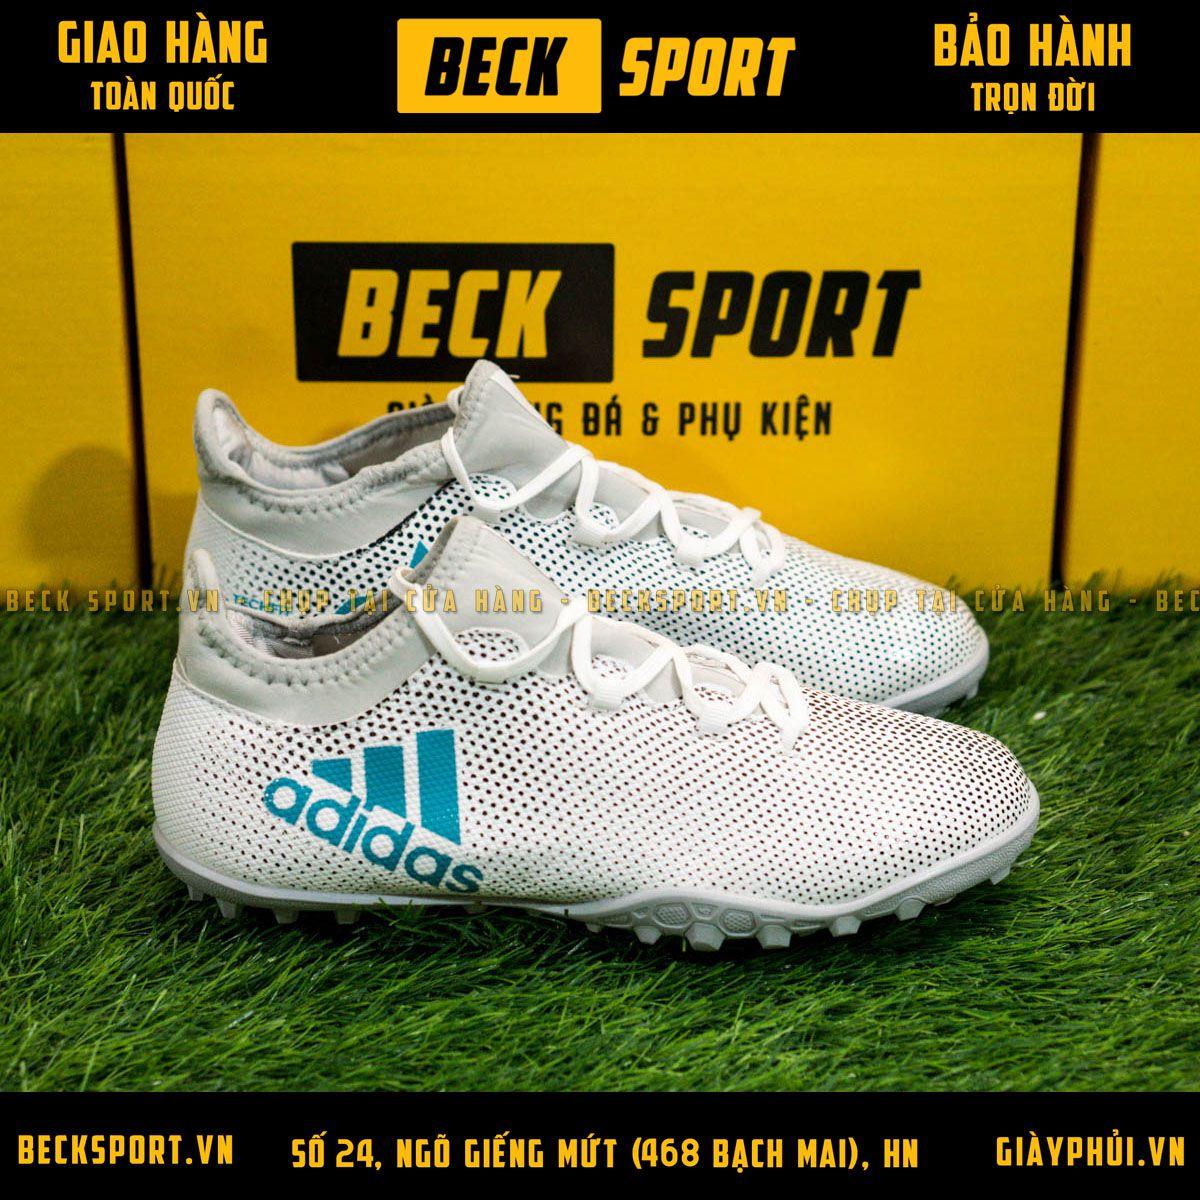 Giày Bóng Đá Adidas X 17.3 Trắng Chấm Bi Đen TF